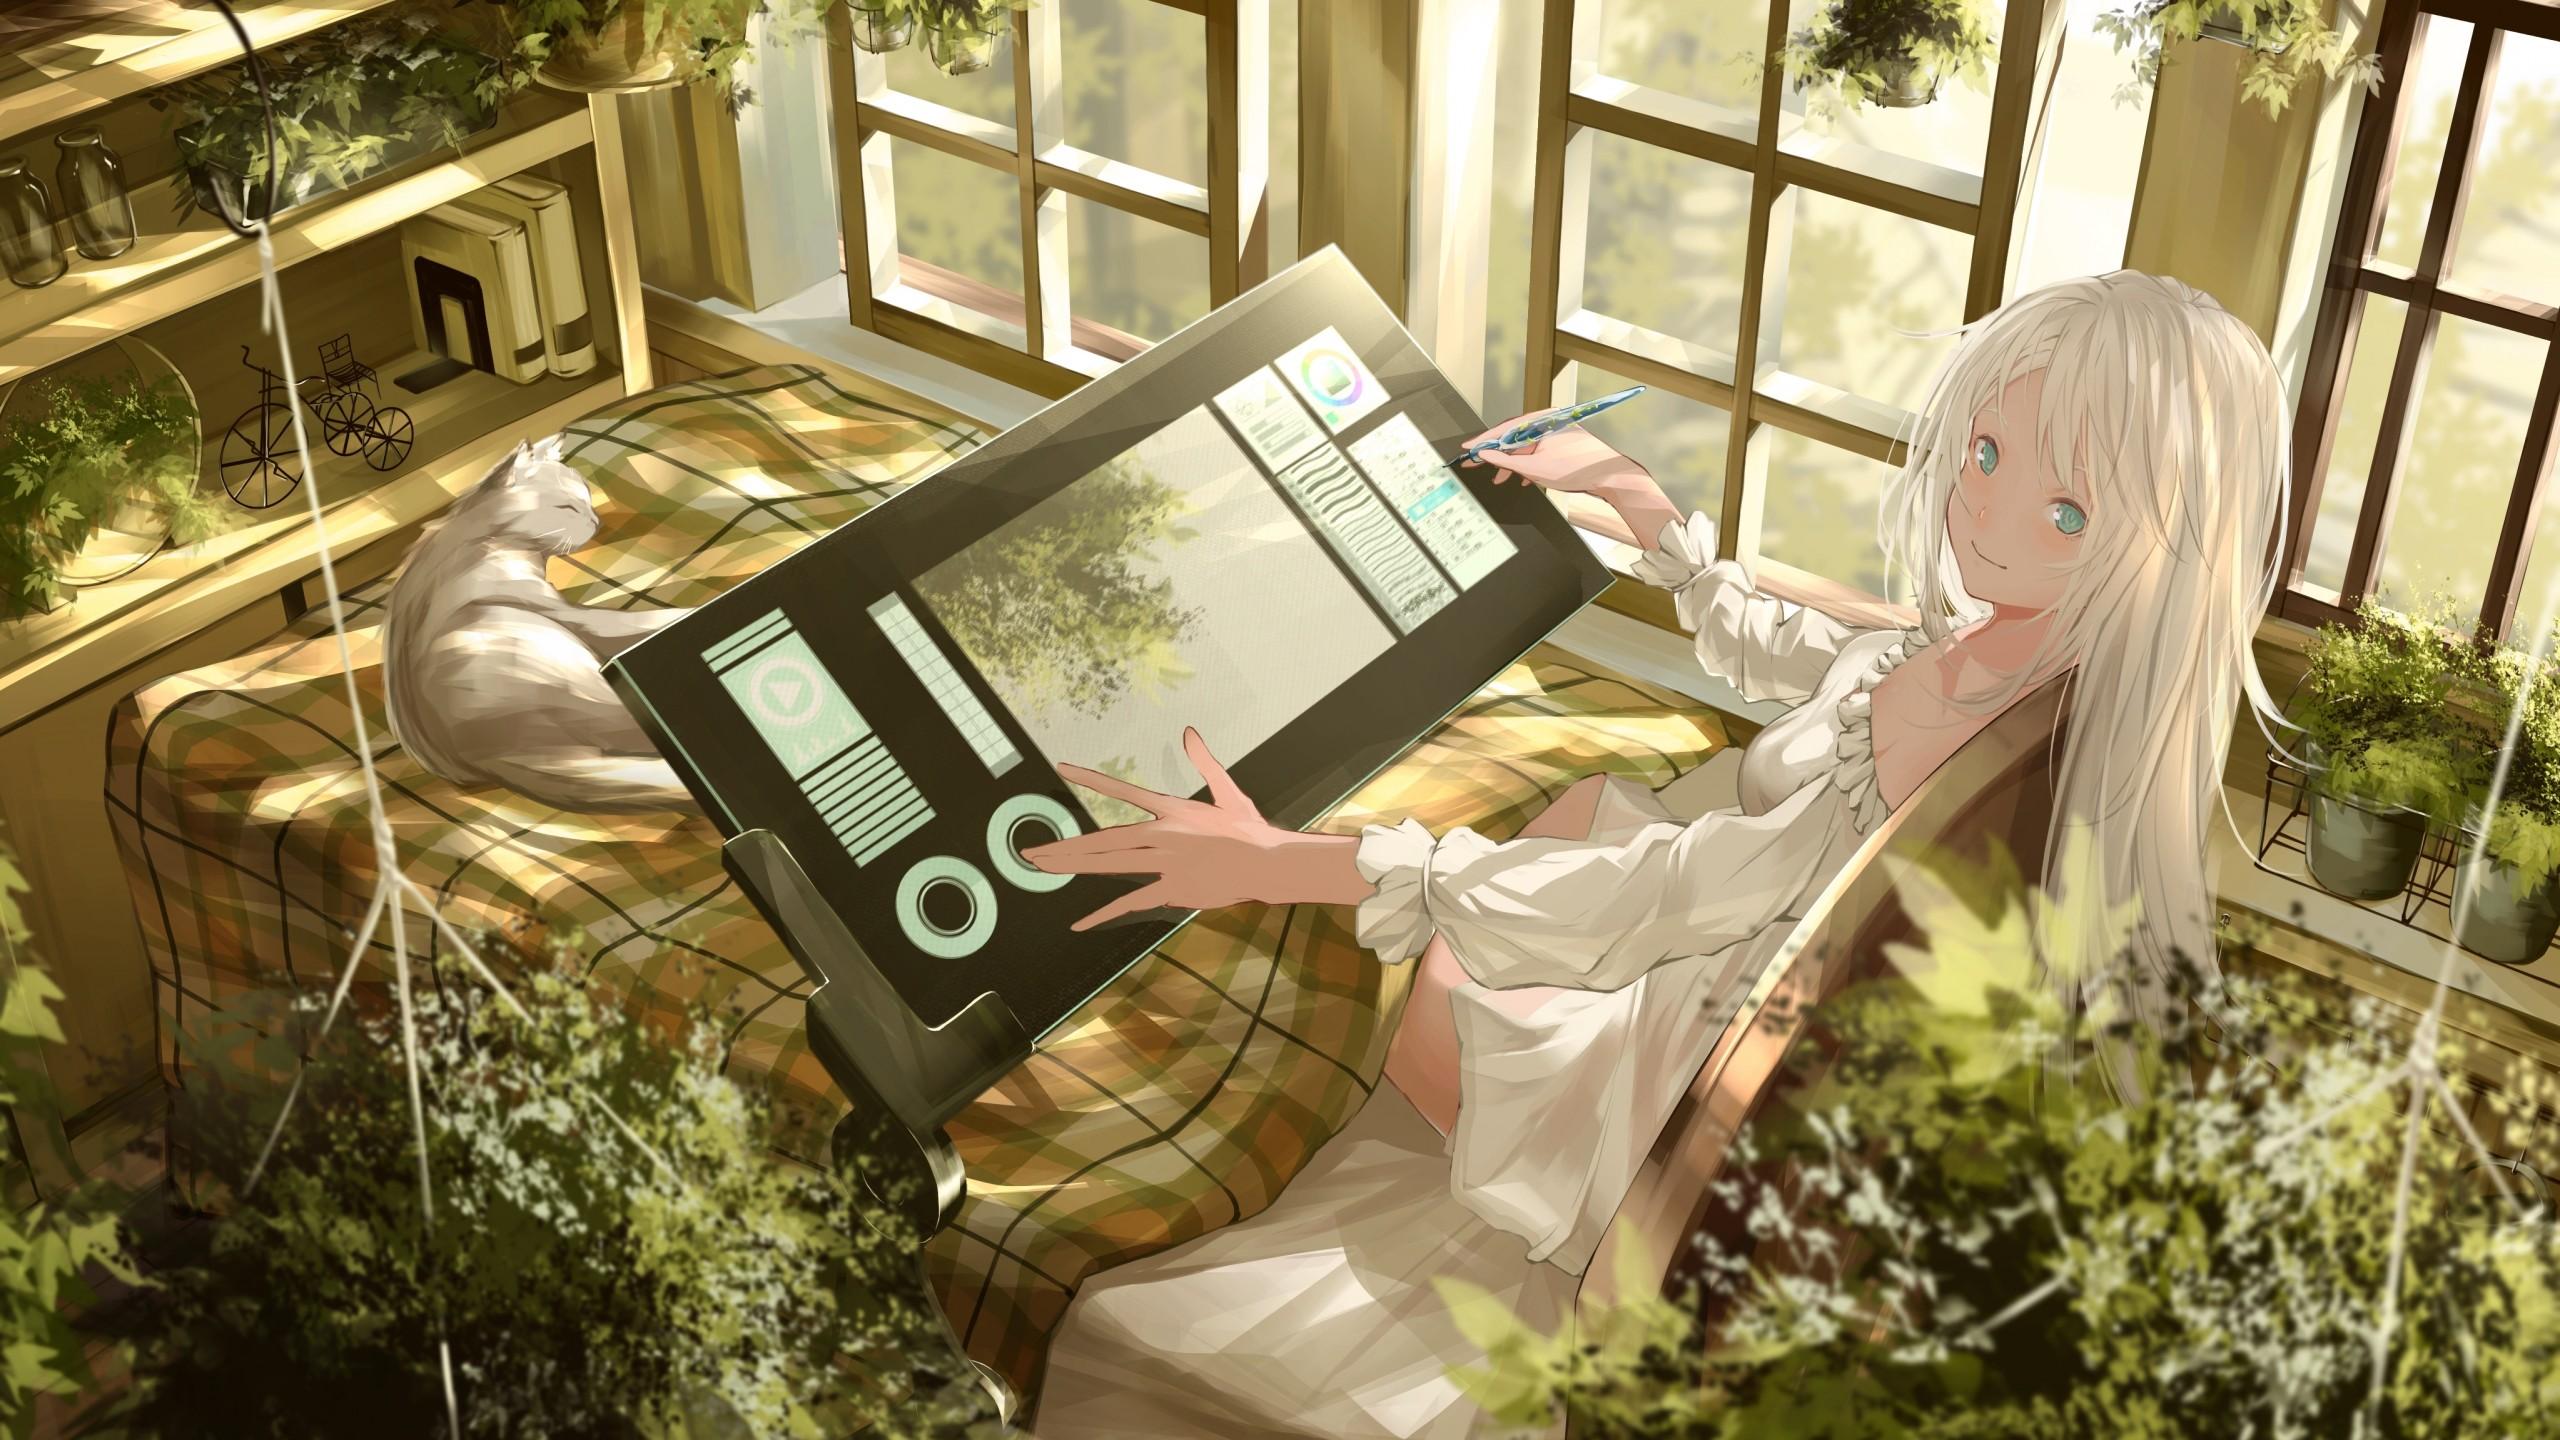 anime-girl-artist-graphic-tablet-white-dress.jpg